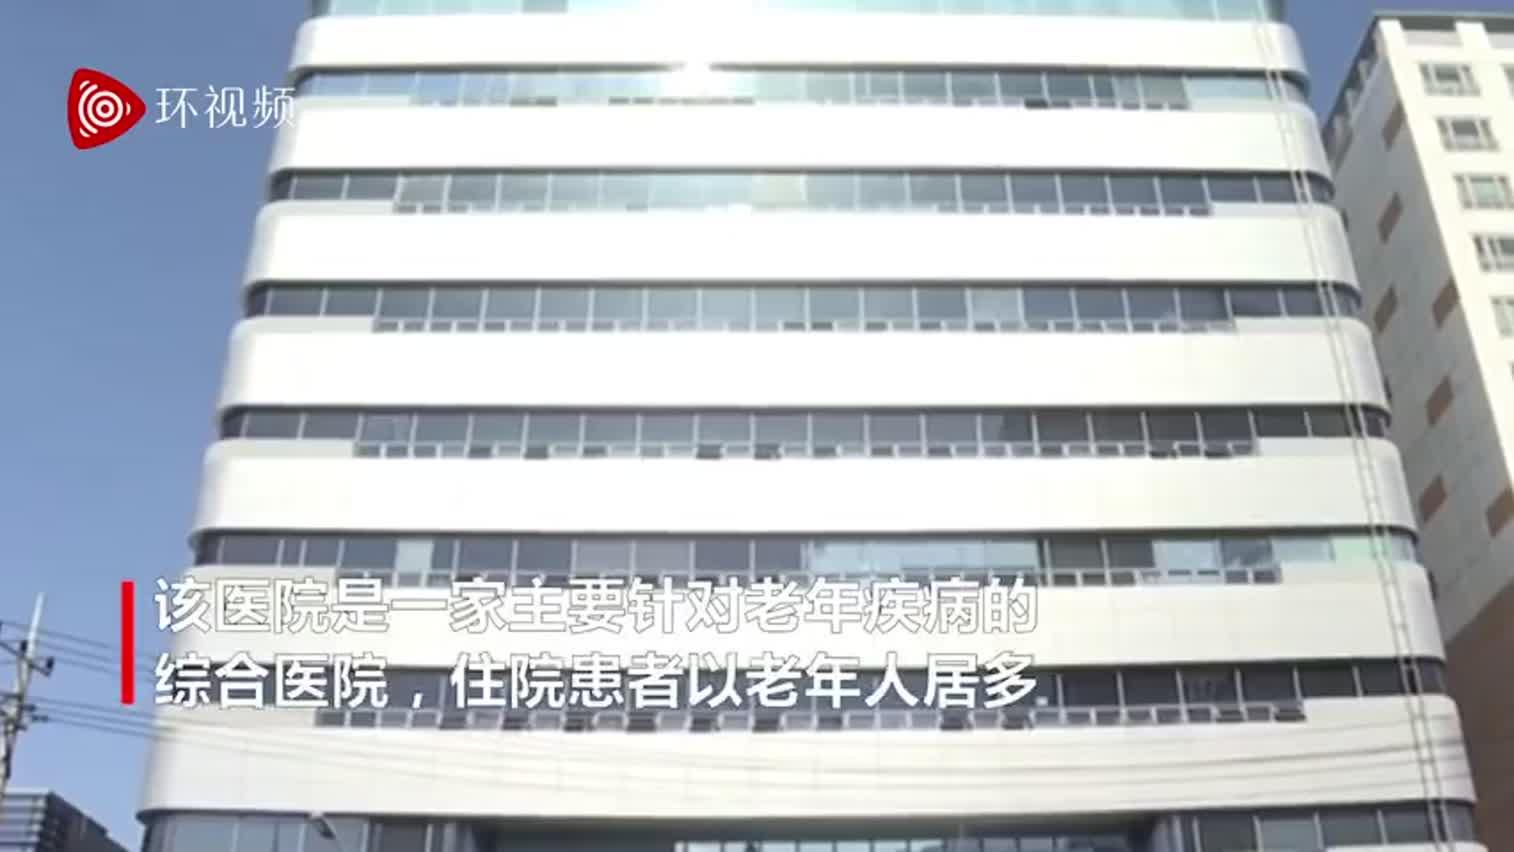 视频-102人中99人确诊 韩国一医院精神科发生